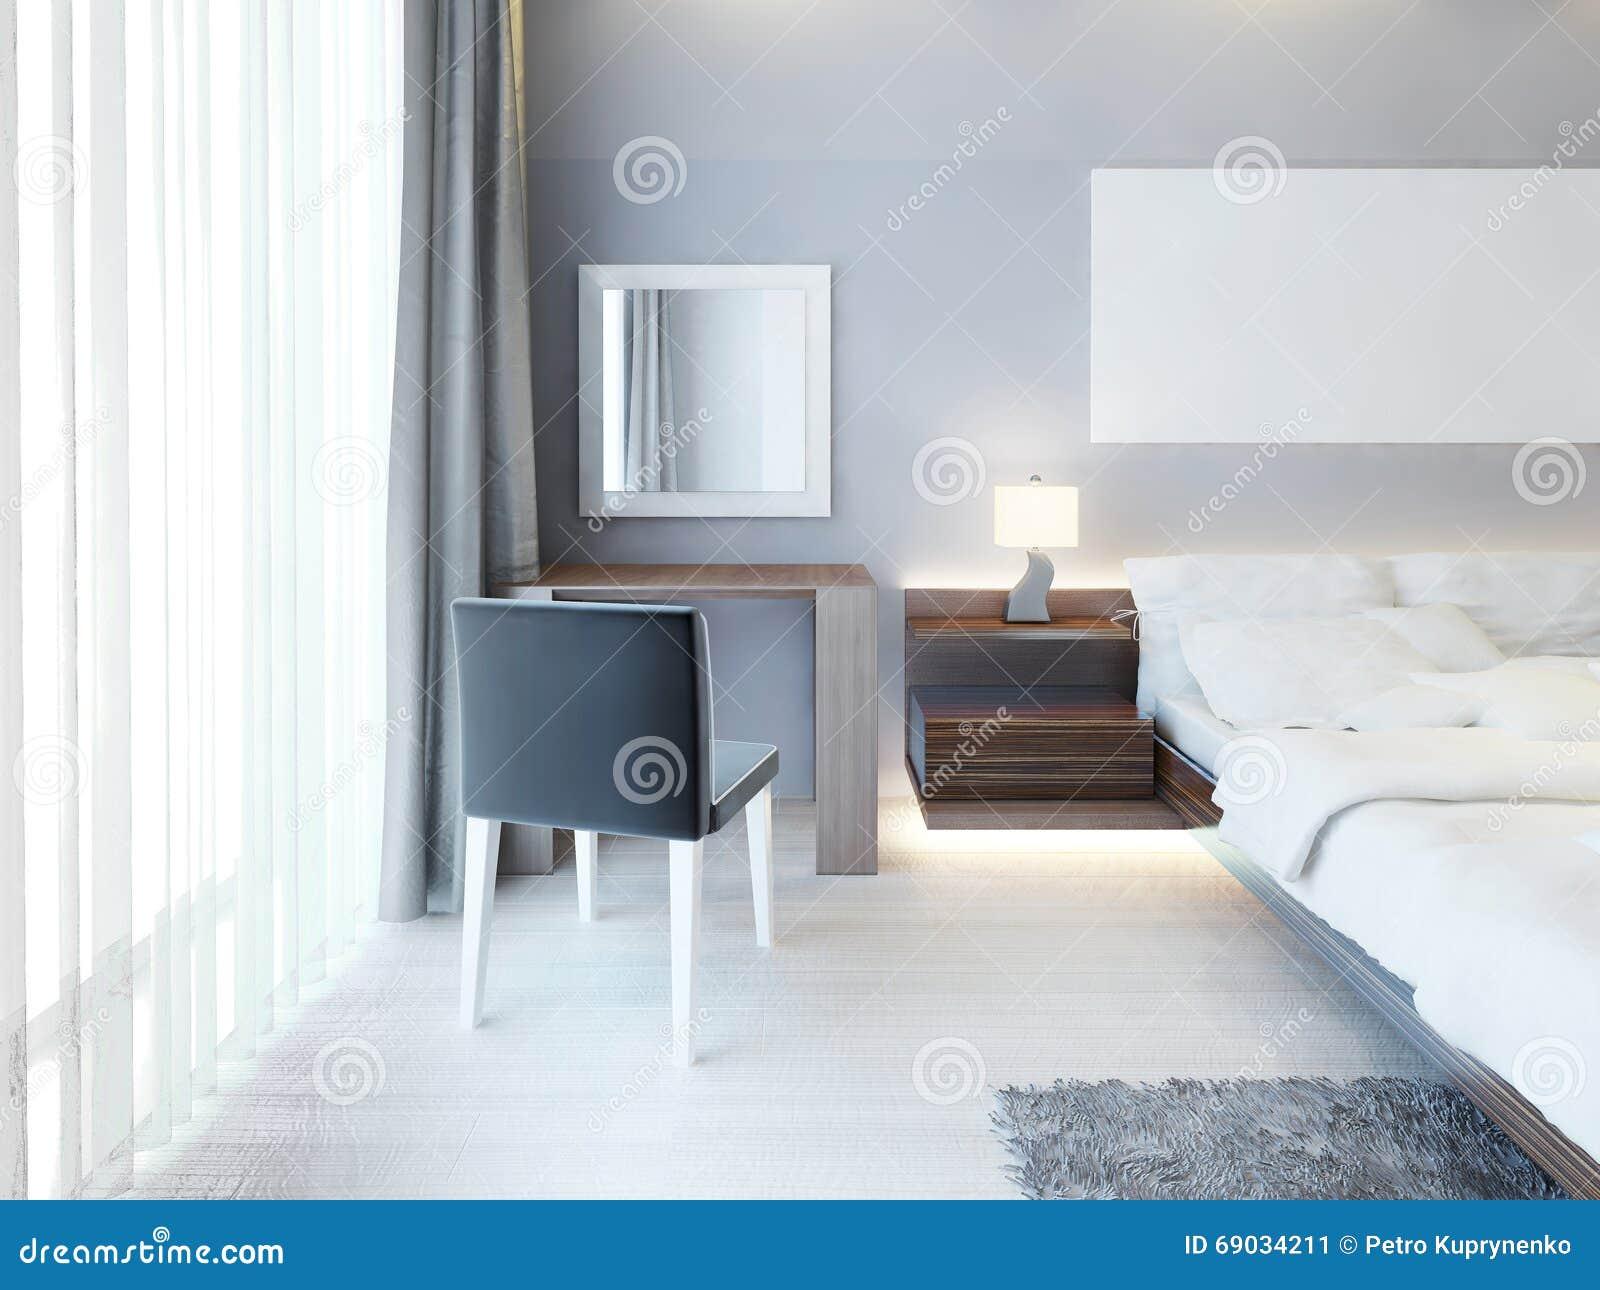 Toilettafel Met Spiegel Wit.Keurige Toilettafel Met Een Spiegel In Een Wit Kader In Moderne B